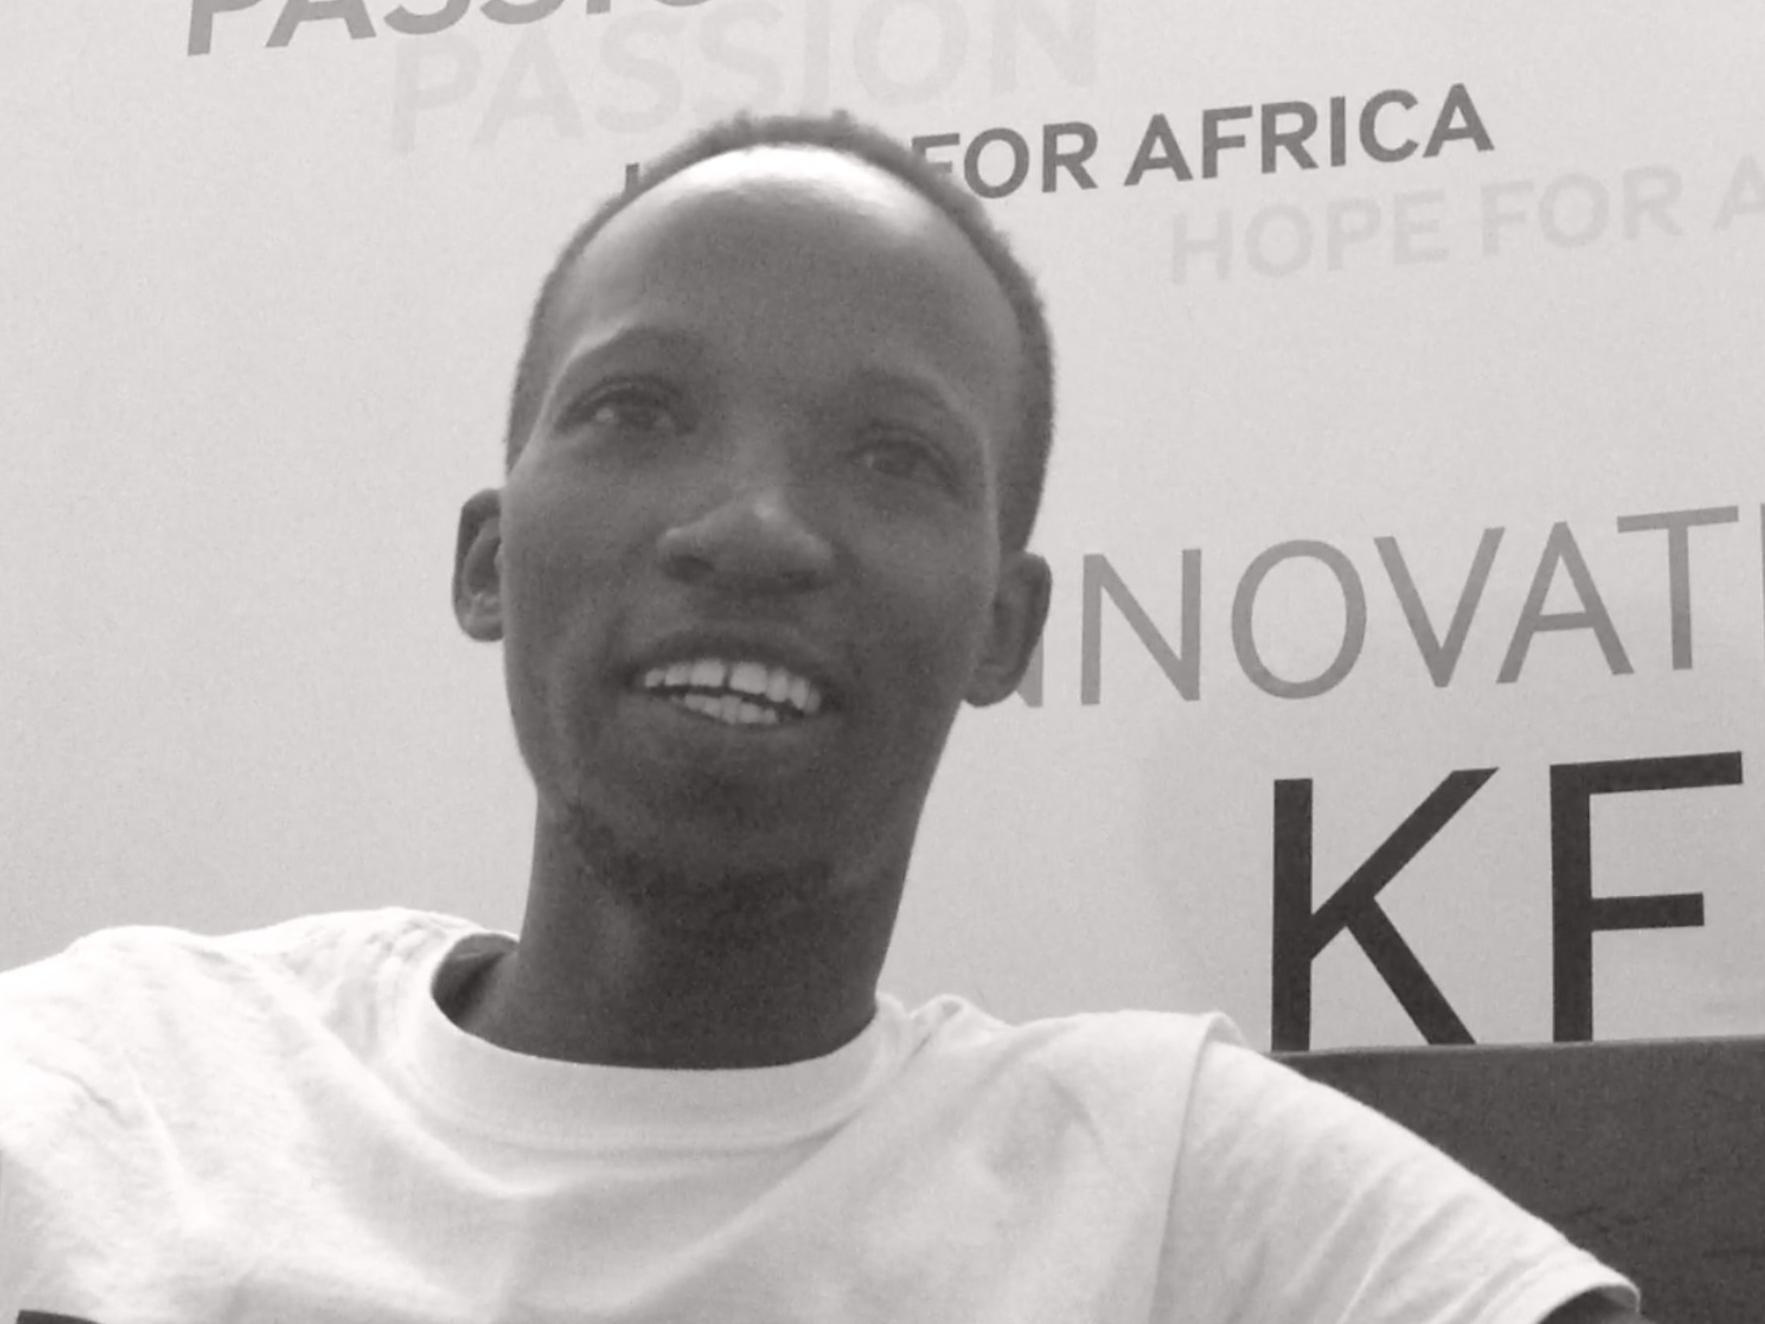 Isaac 'Kaka' Muasa - Muungano, Mathare, Nairobi